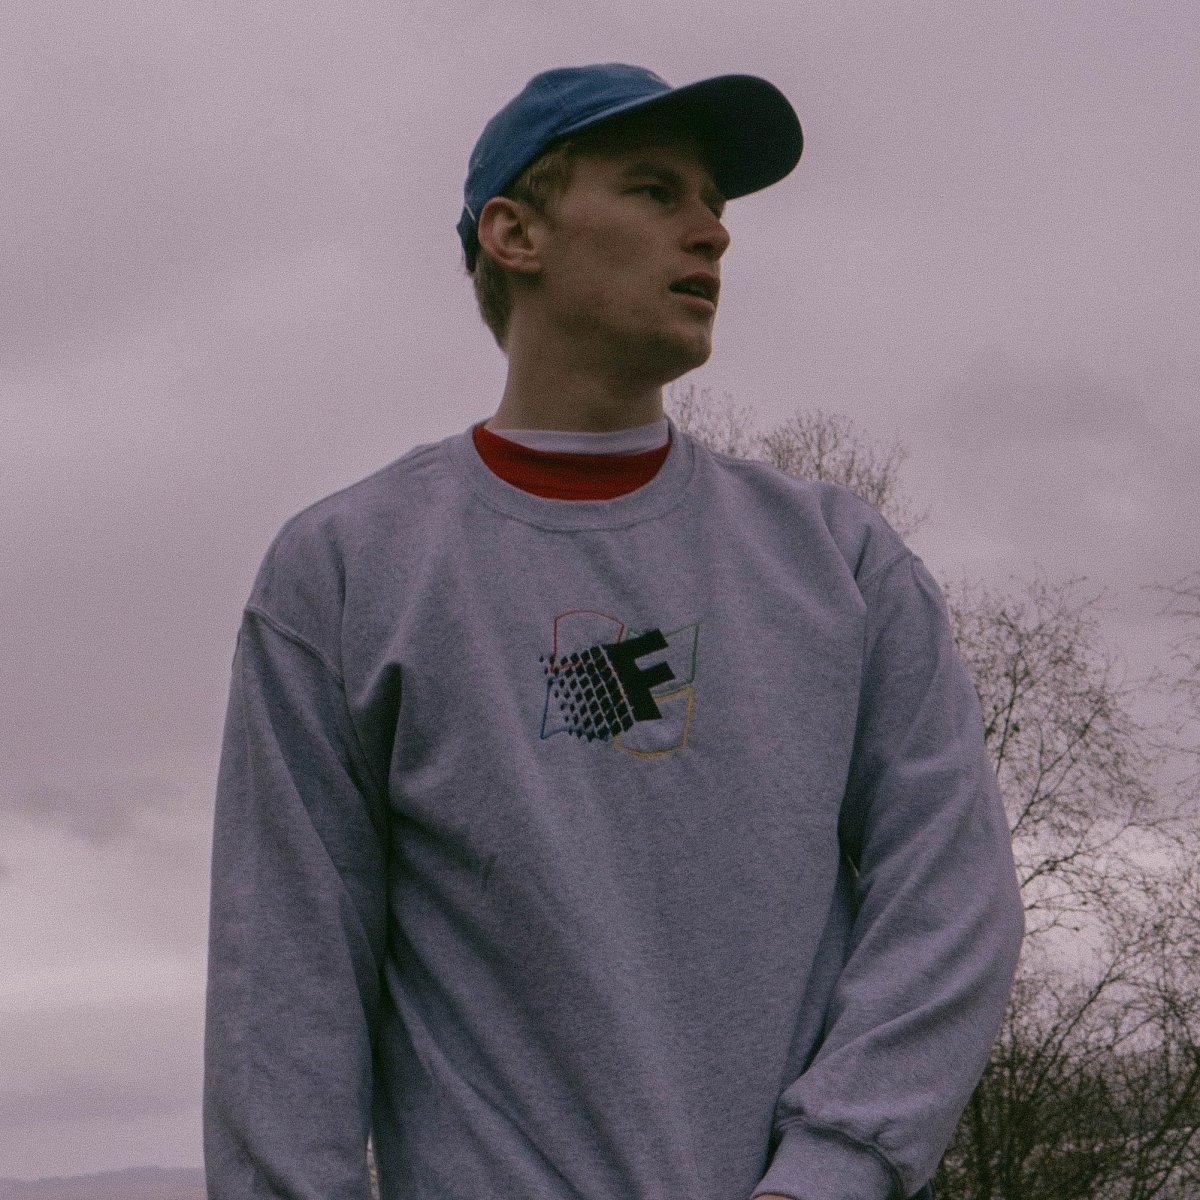 Fresh Vista Grey Unisex Embroidered Sweater